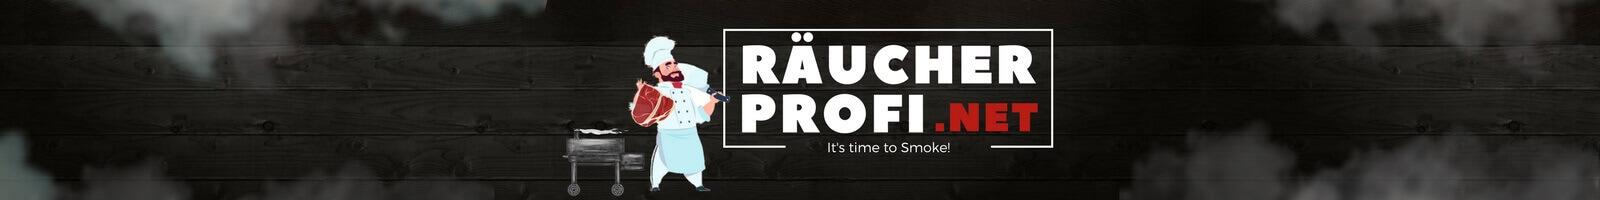 Raeucherprofi.net – Entdecke den Profi in dir!